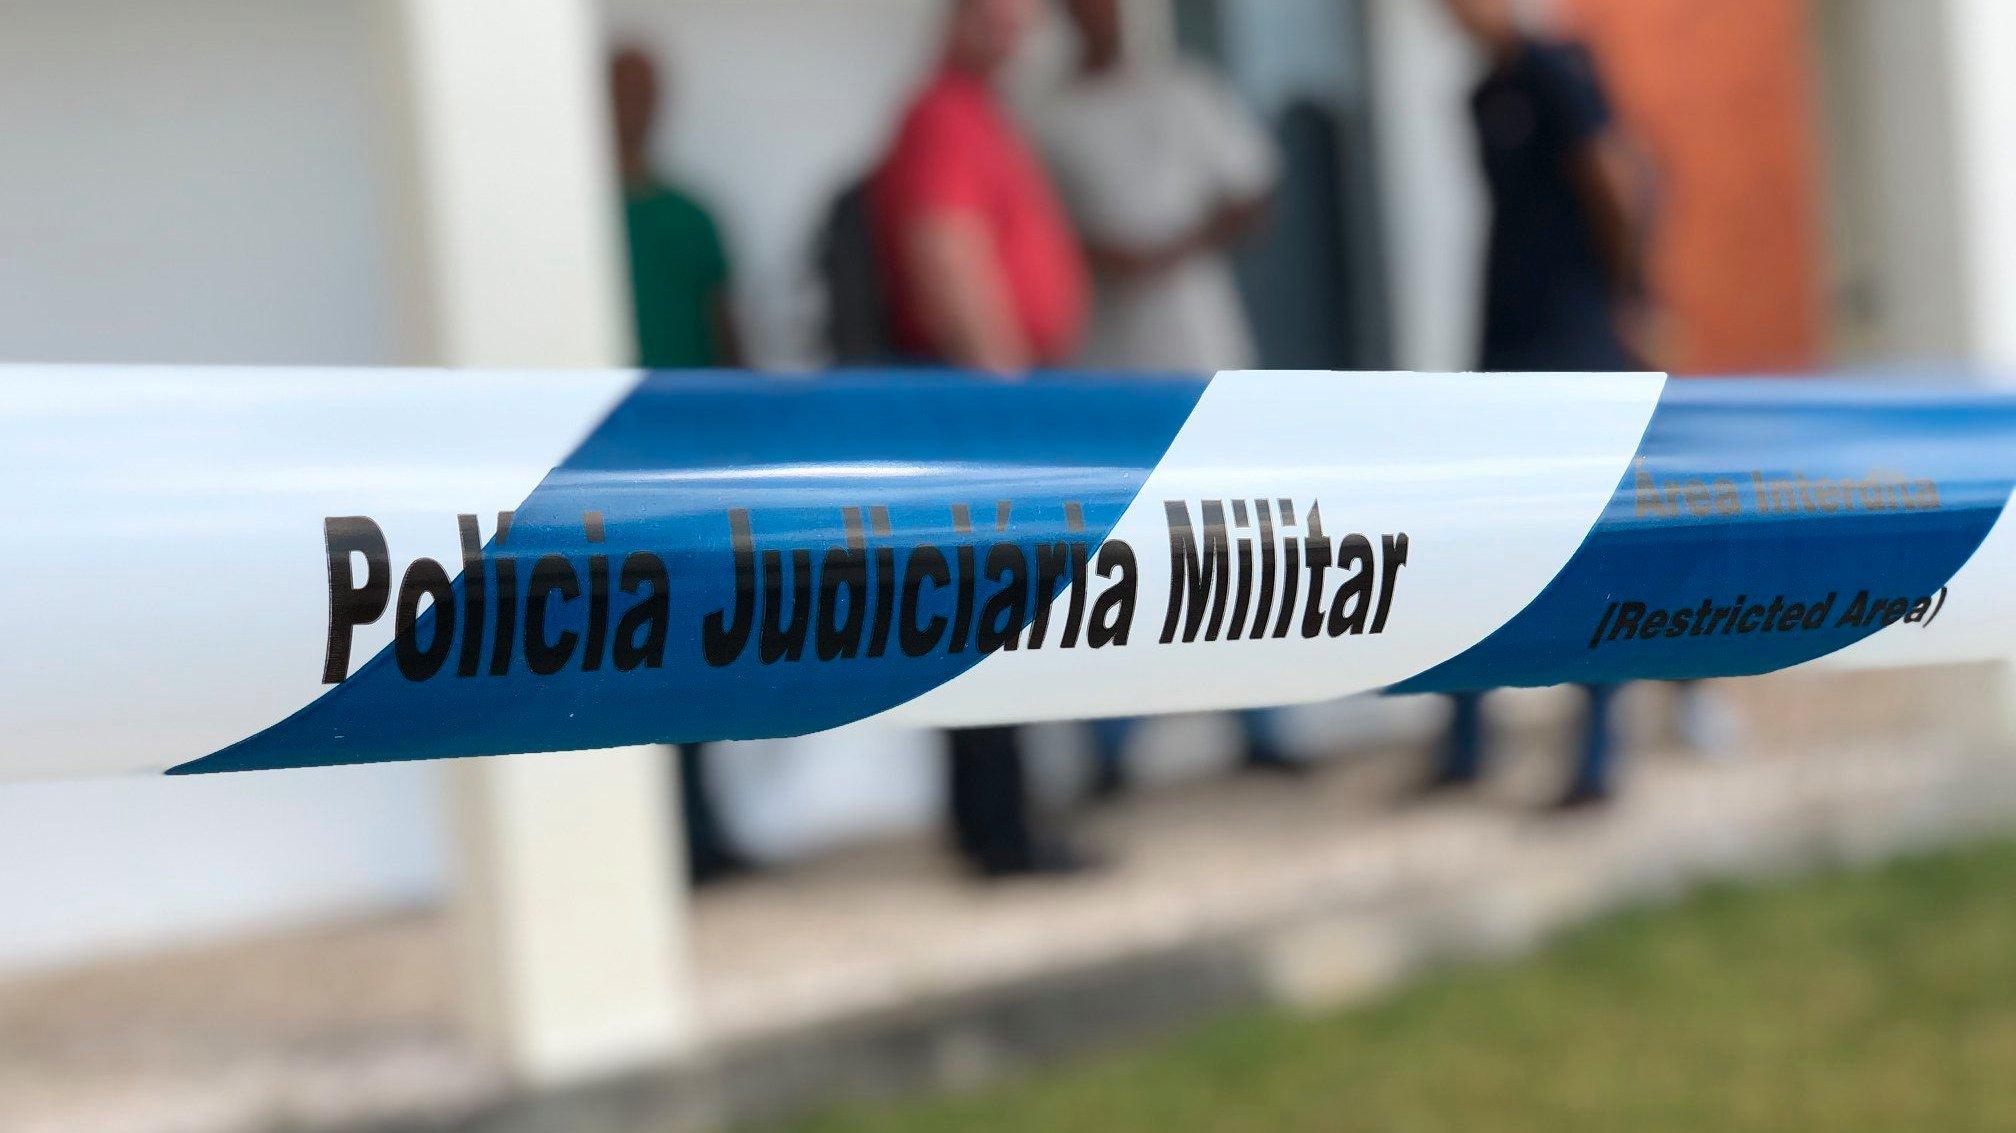 Polícia Judiciária Militar, PJM